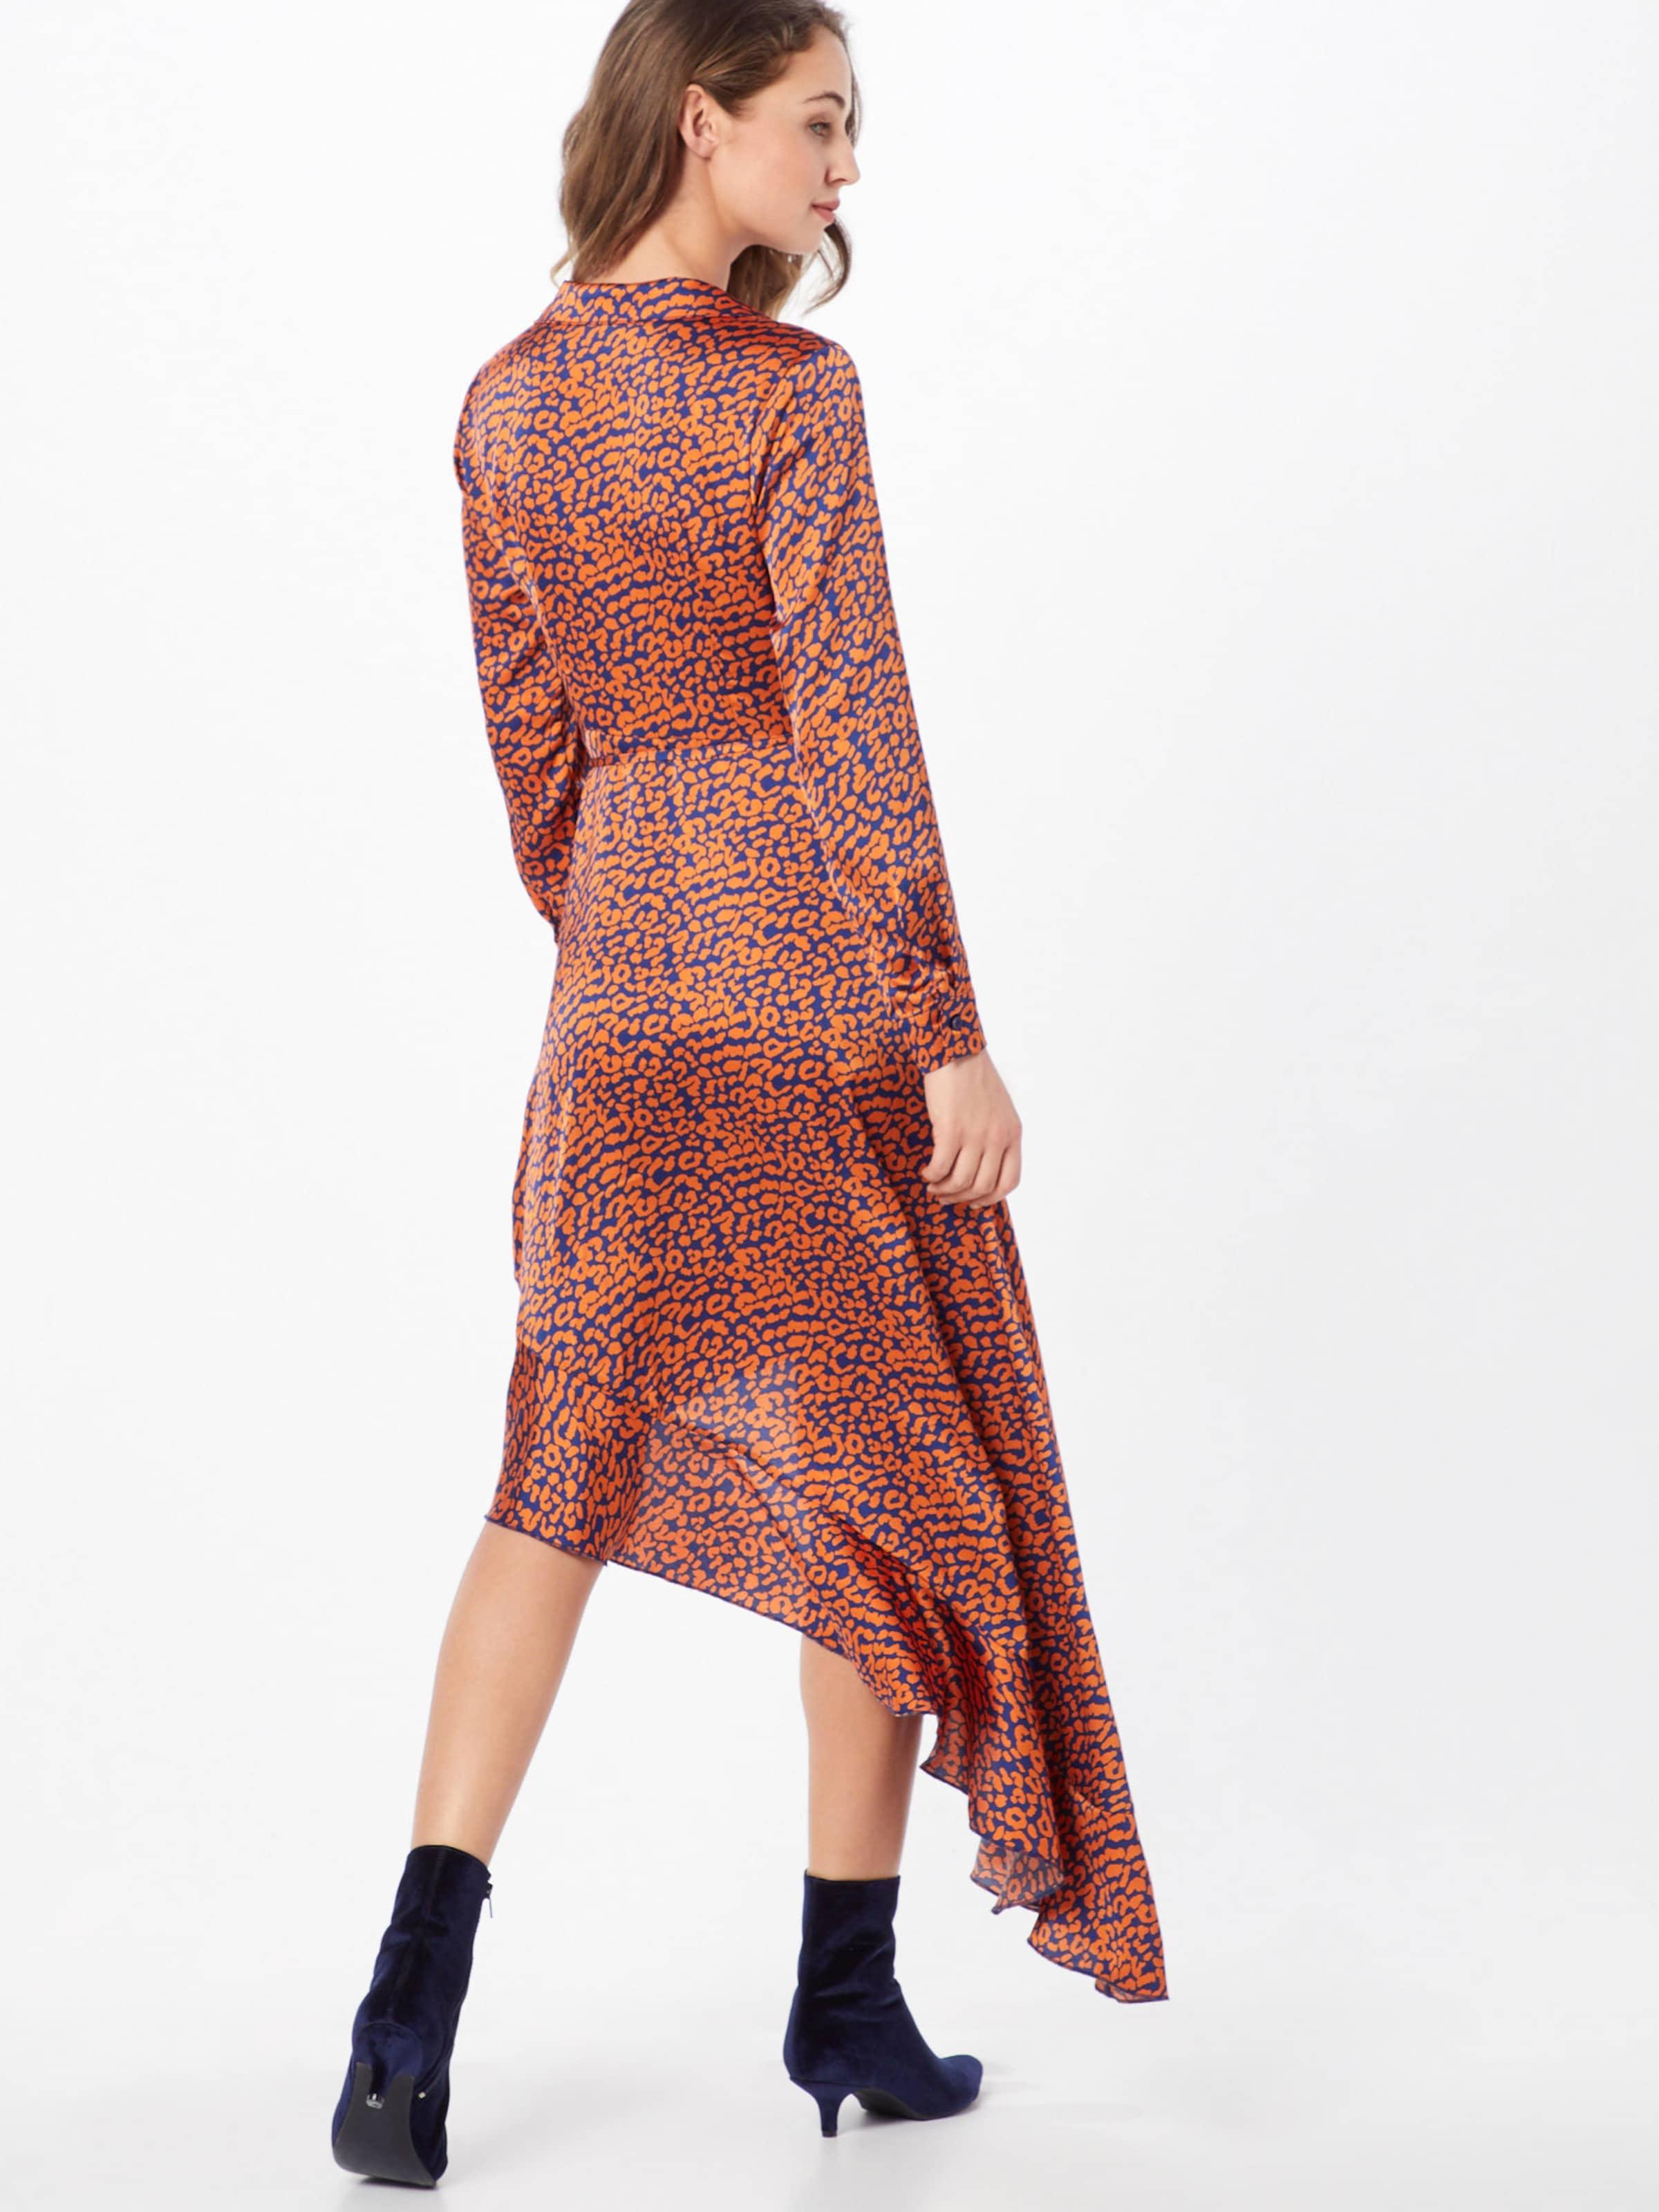 Missguided OrangeSchwarz Kleid Missguided OrangeSchwarz In In OrangeSchwarz Kleid Kleid Kleid In Missguided Missguided In fgvY6mIyb7